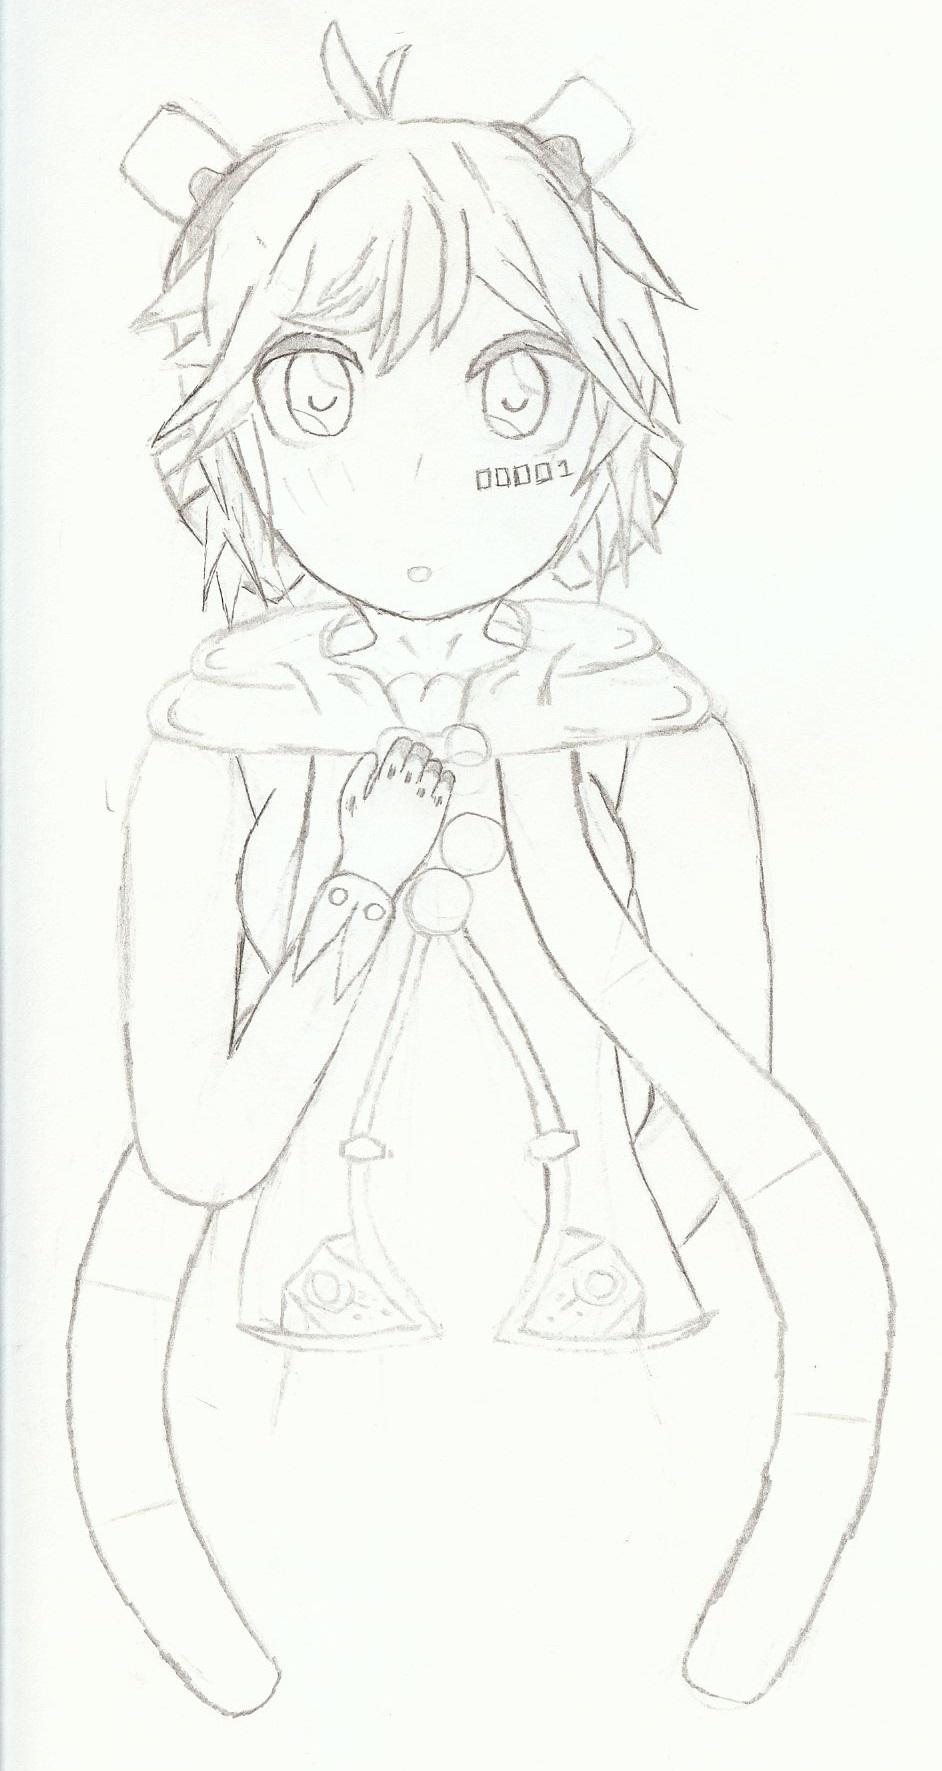 Vocaloid Rana (Work-In-Progress) by Chalysane